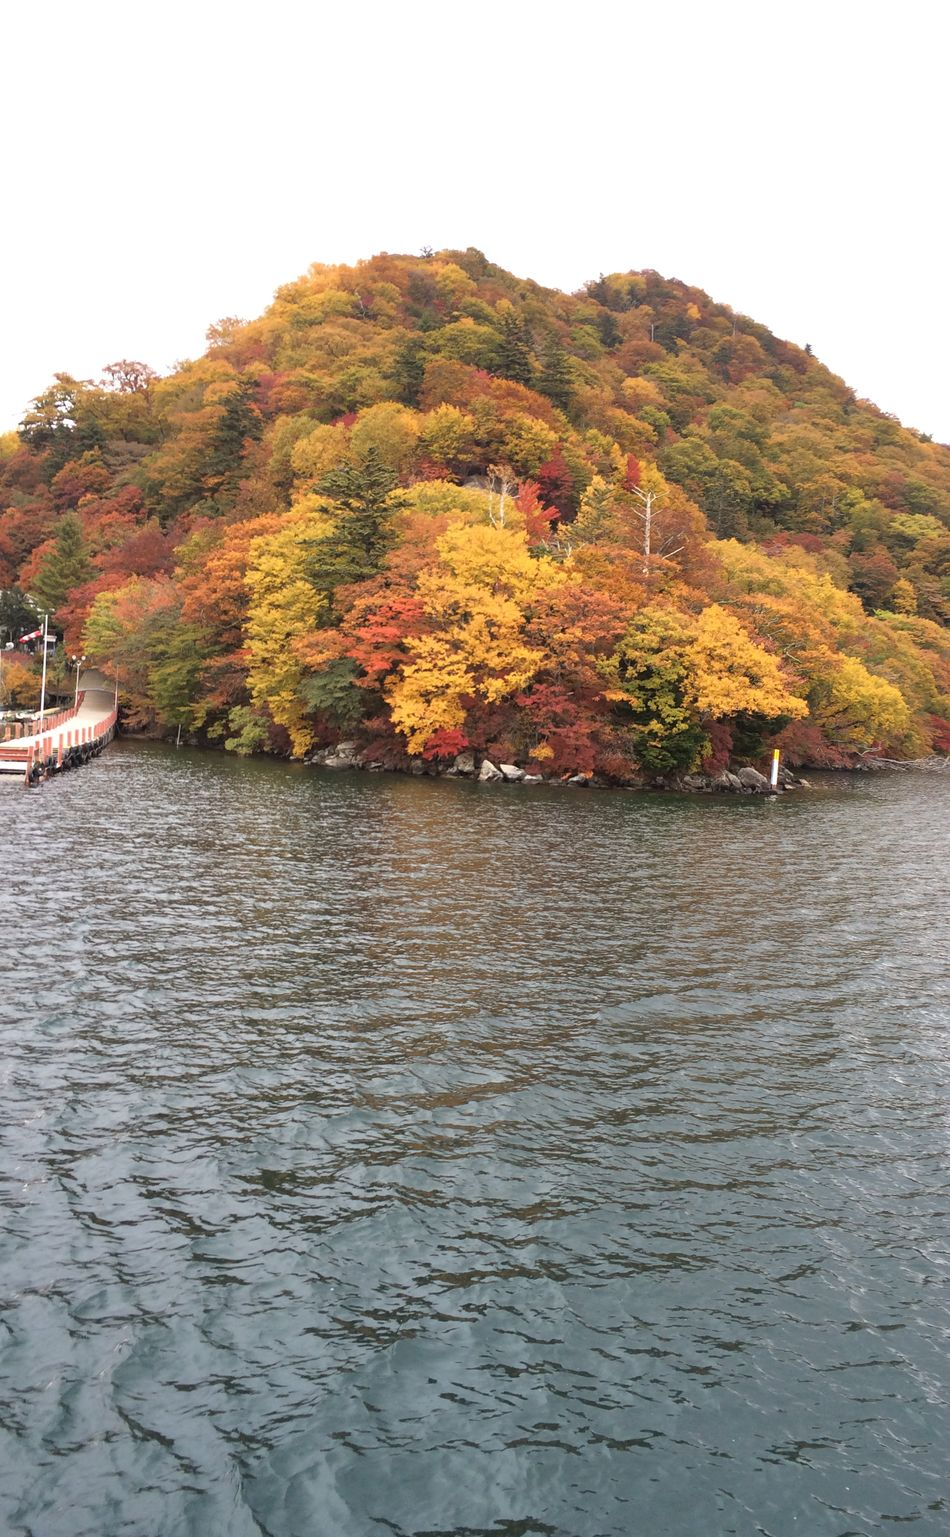 すごく綺麗な紅葉だった😊💓初遊覧船! Autumn Colors Noedit Lake Beautiful